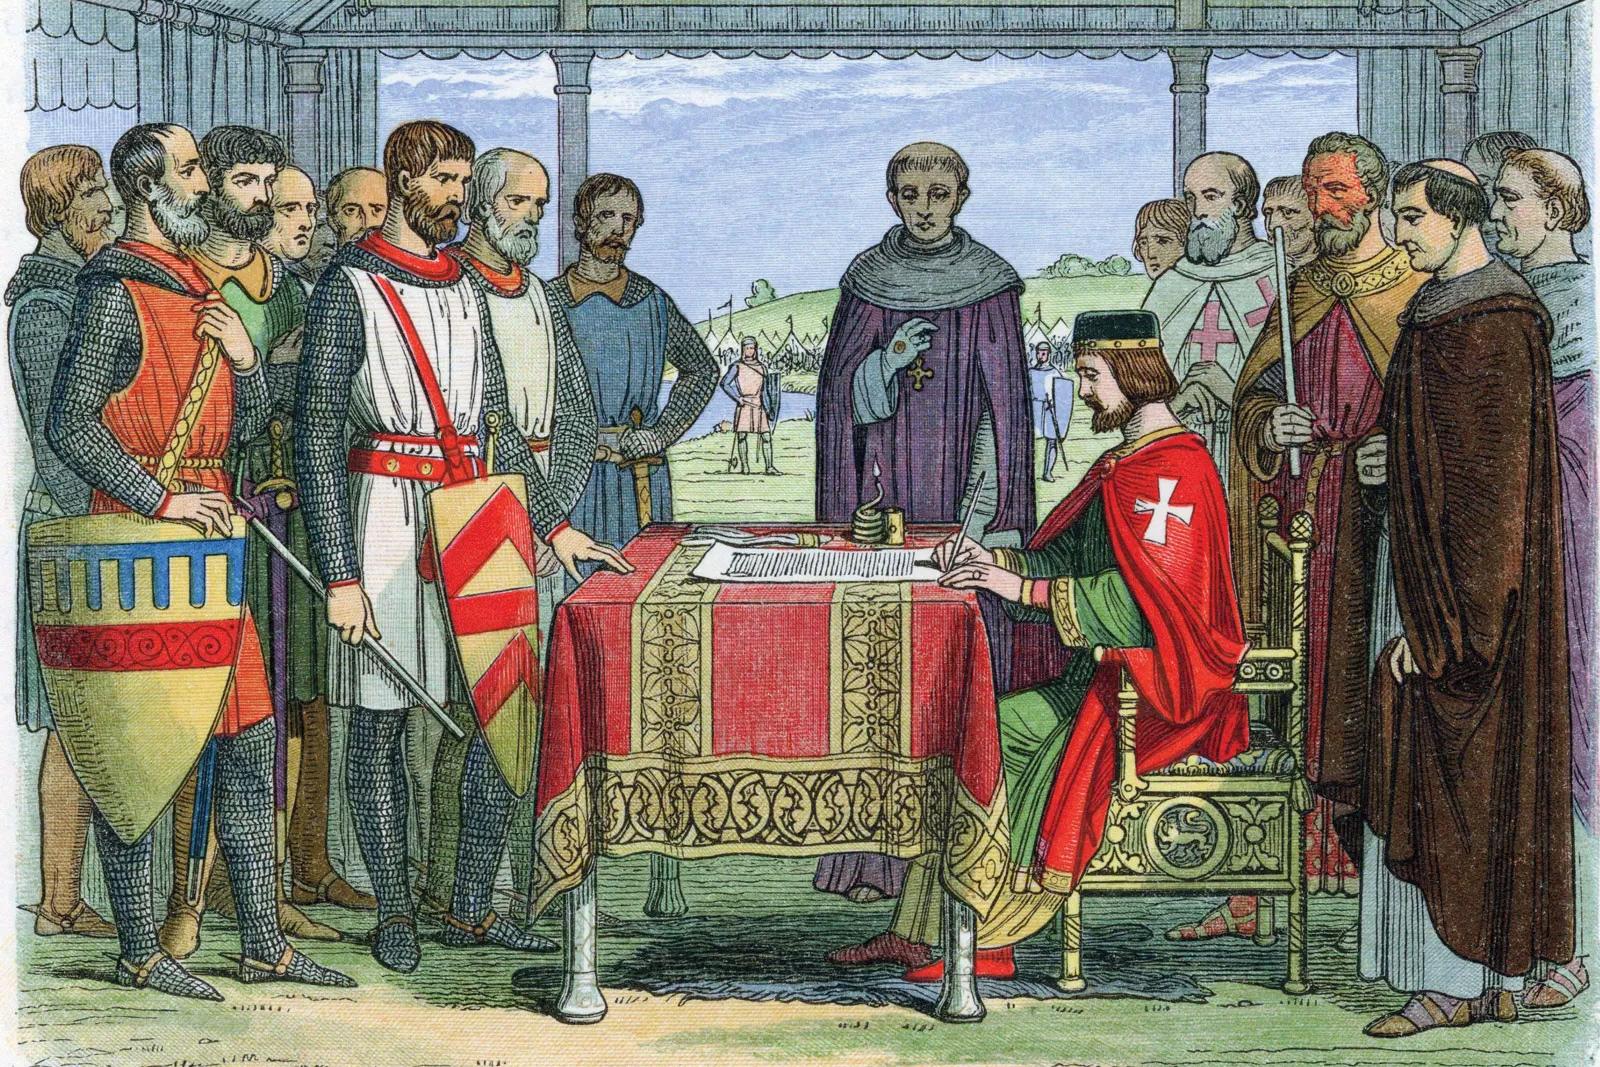 Đại Hiến chương Magna Carta: Món quà nước Anh dành cho nhân loại